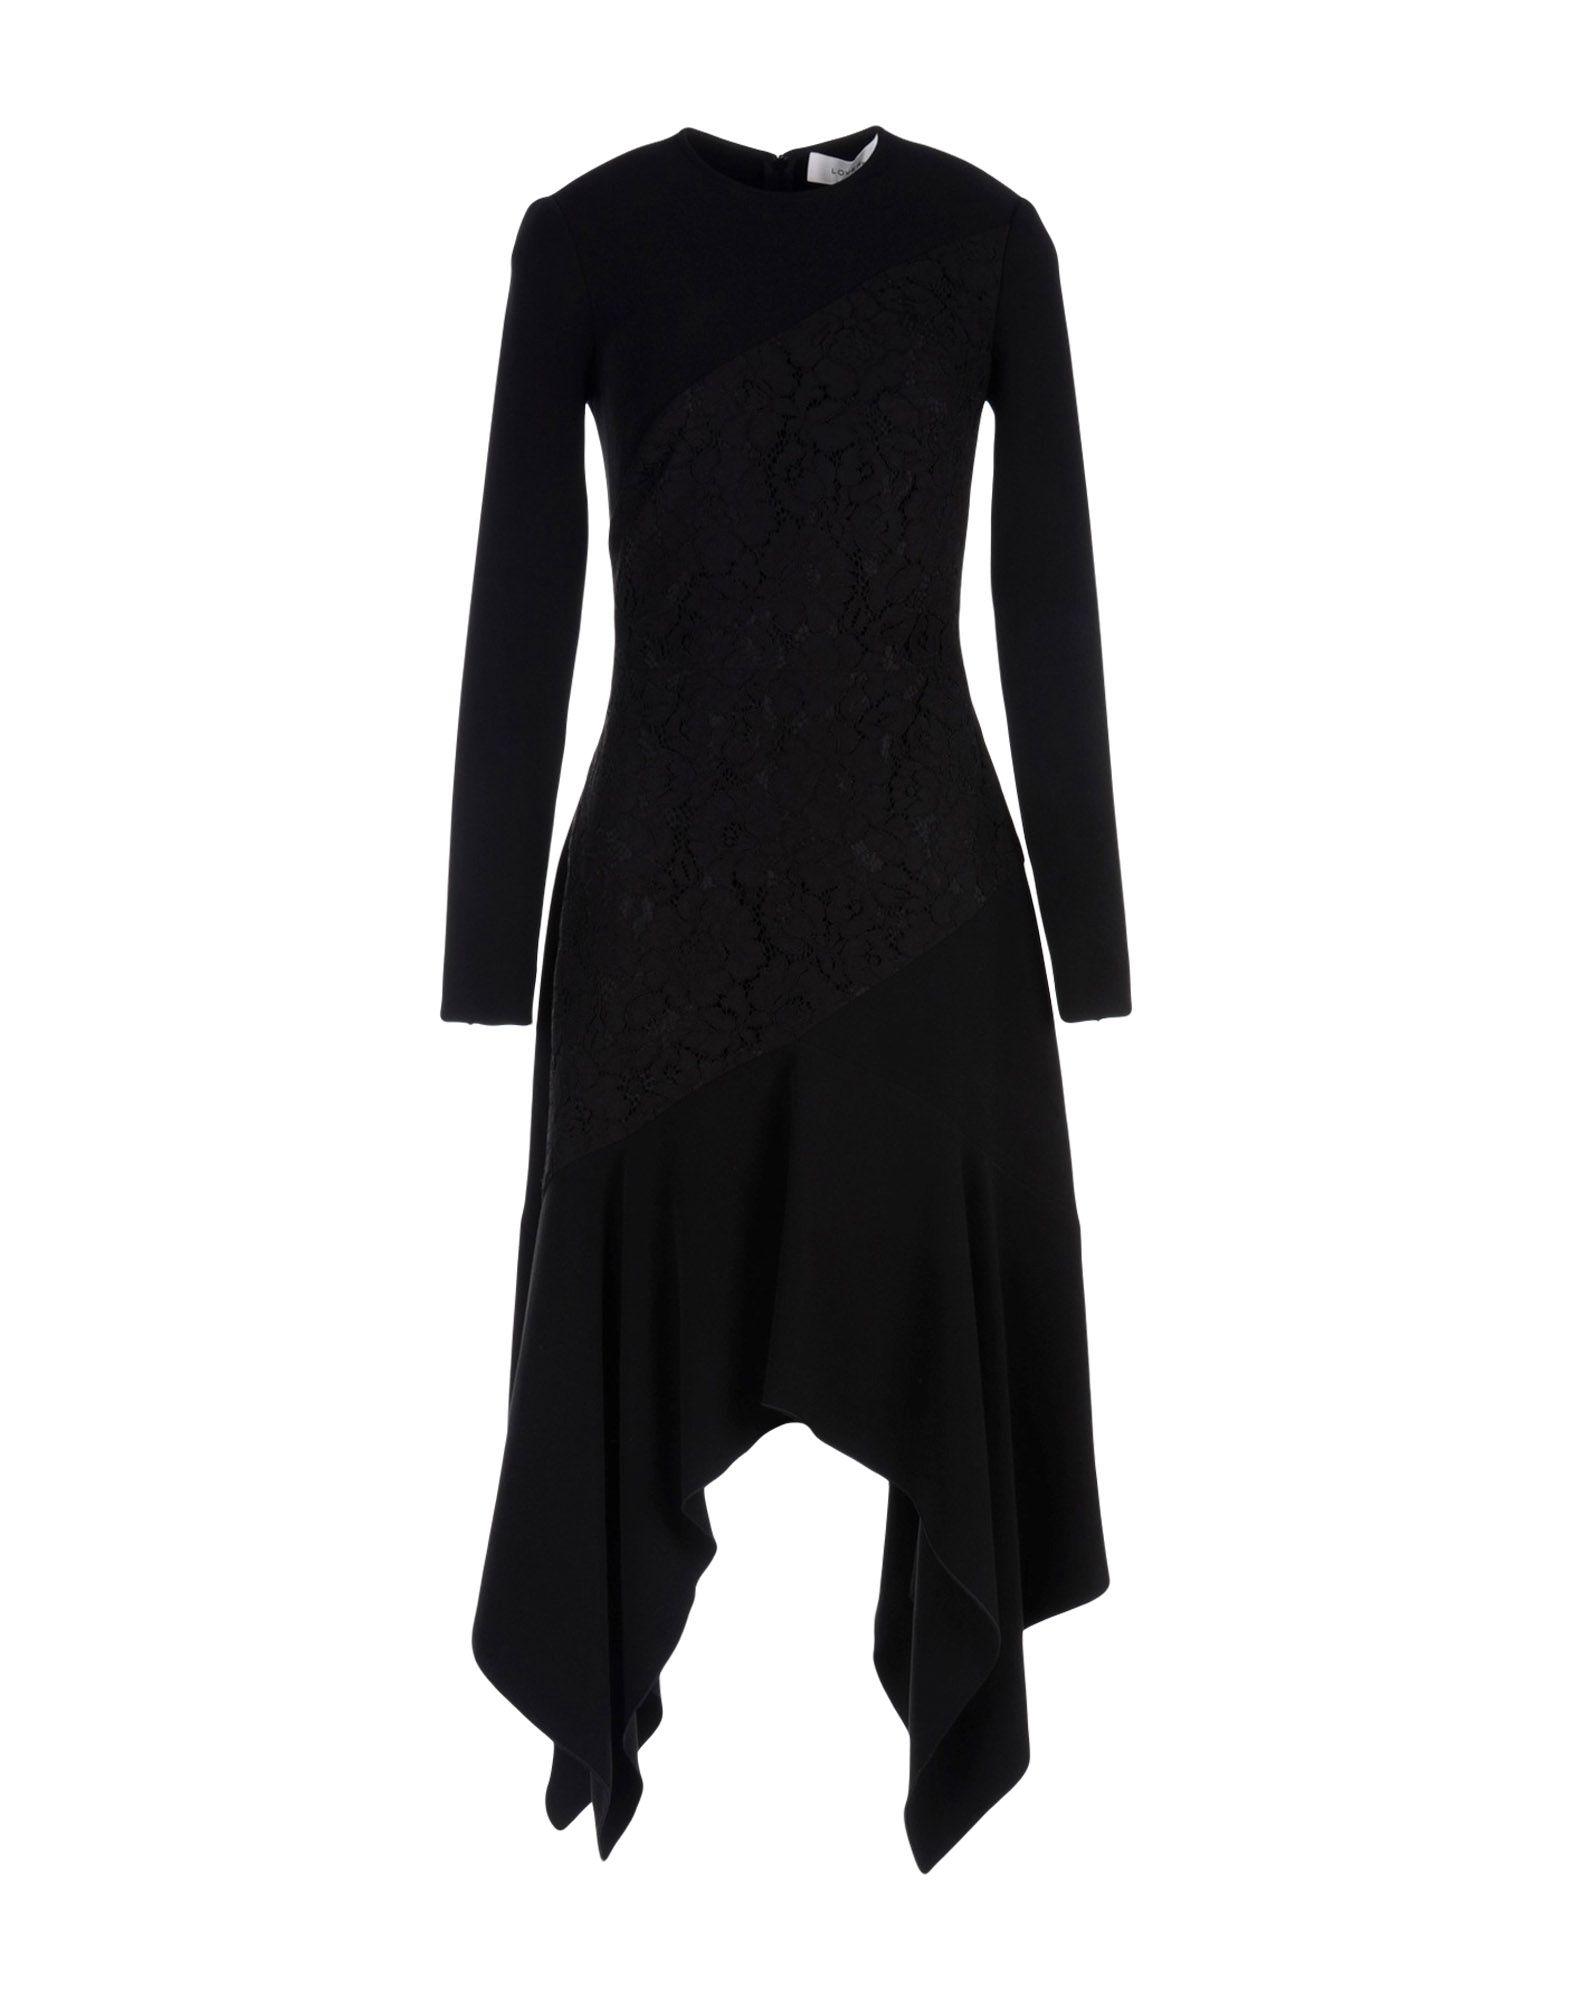 LOVER Midi Dress in Black